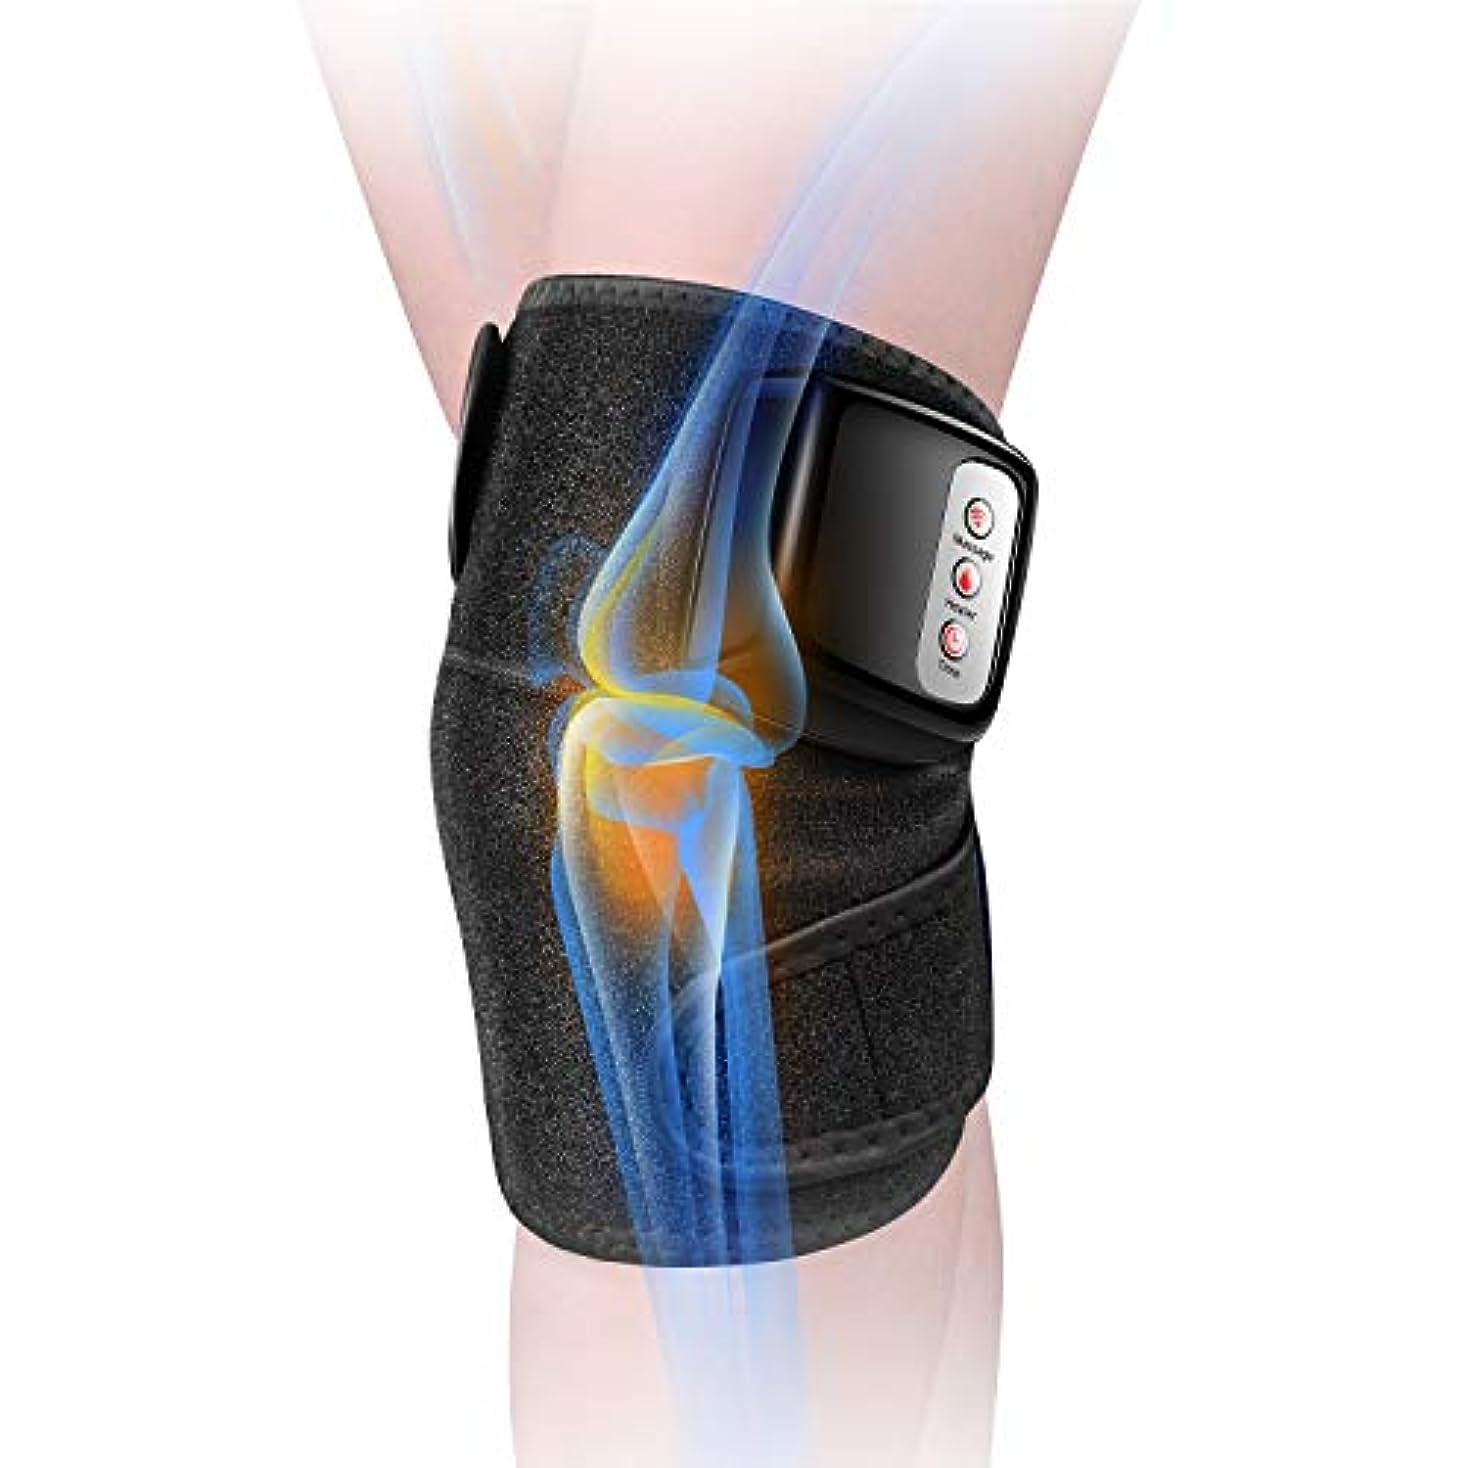 町ソート二年生膝マッサージャー 関節マッサージャー マッサージ器 フットマッサージャー 振動 赤外線療法 温熱療法 膝サポーター ストレス解消 肩 太もも/腕対応